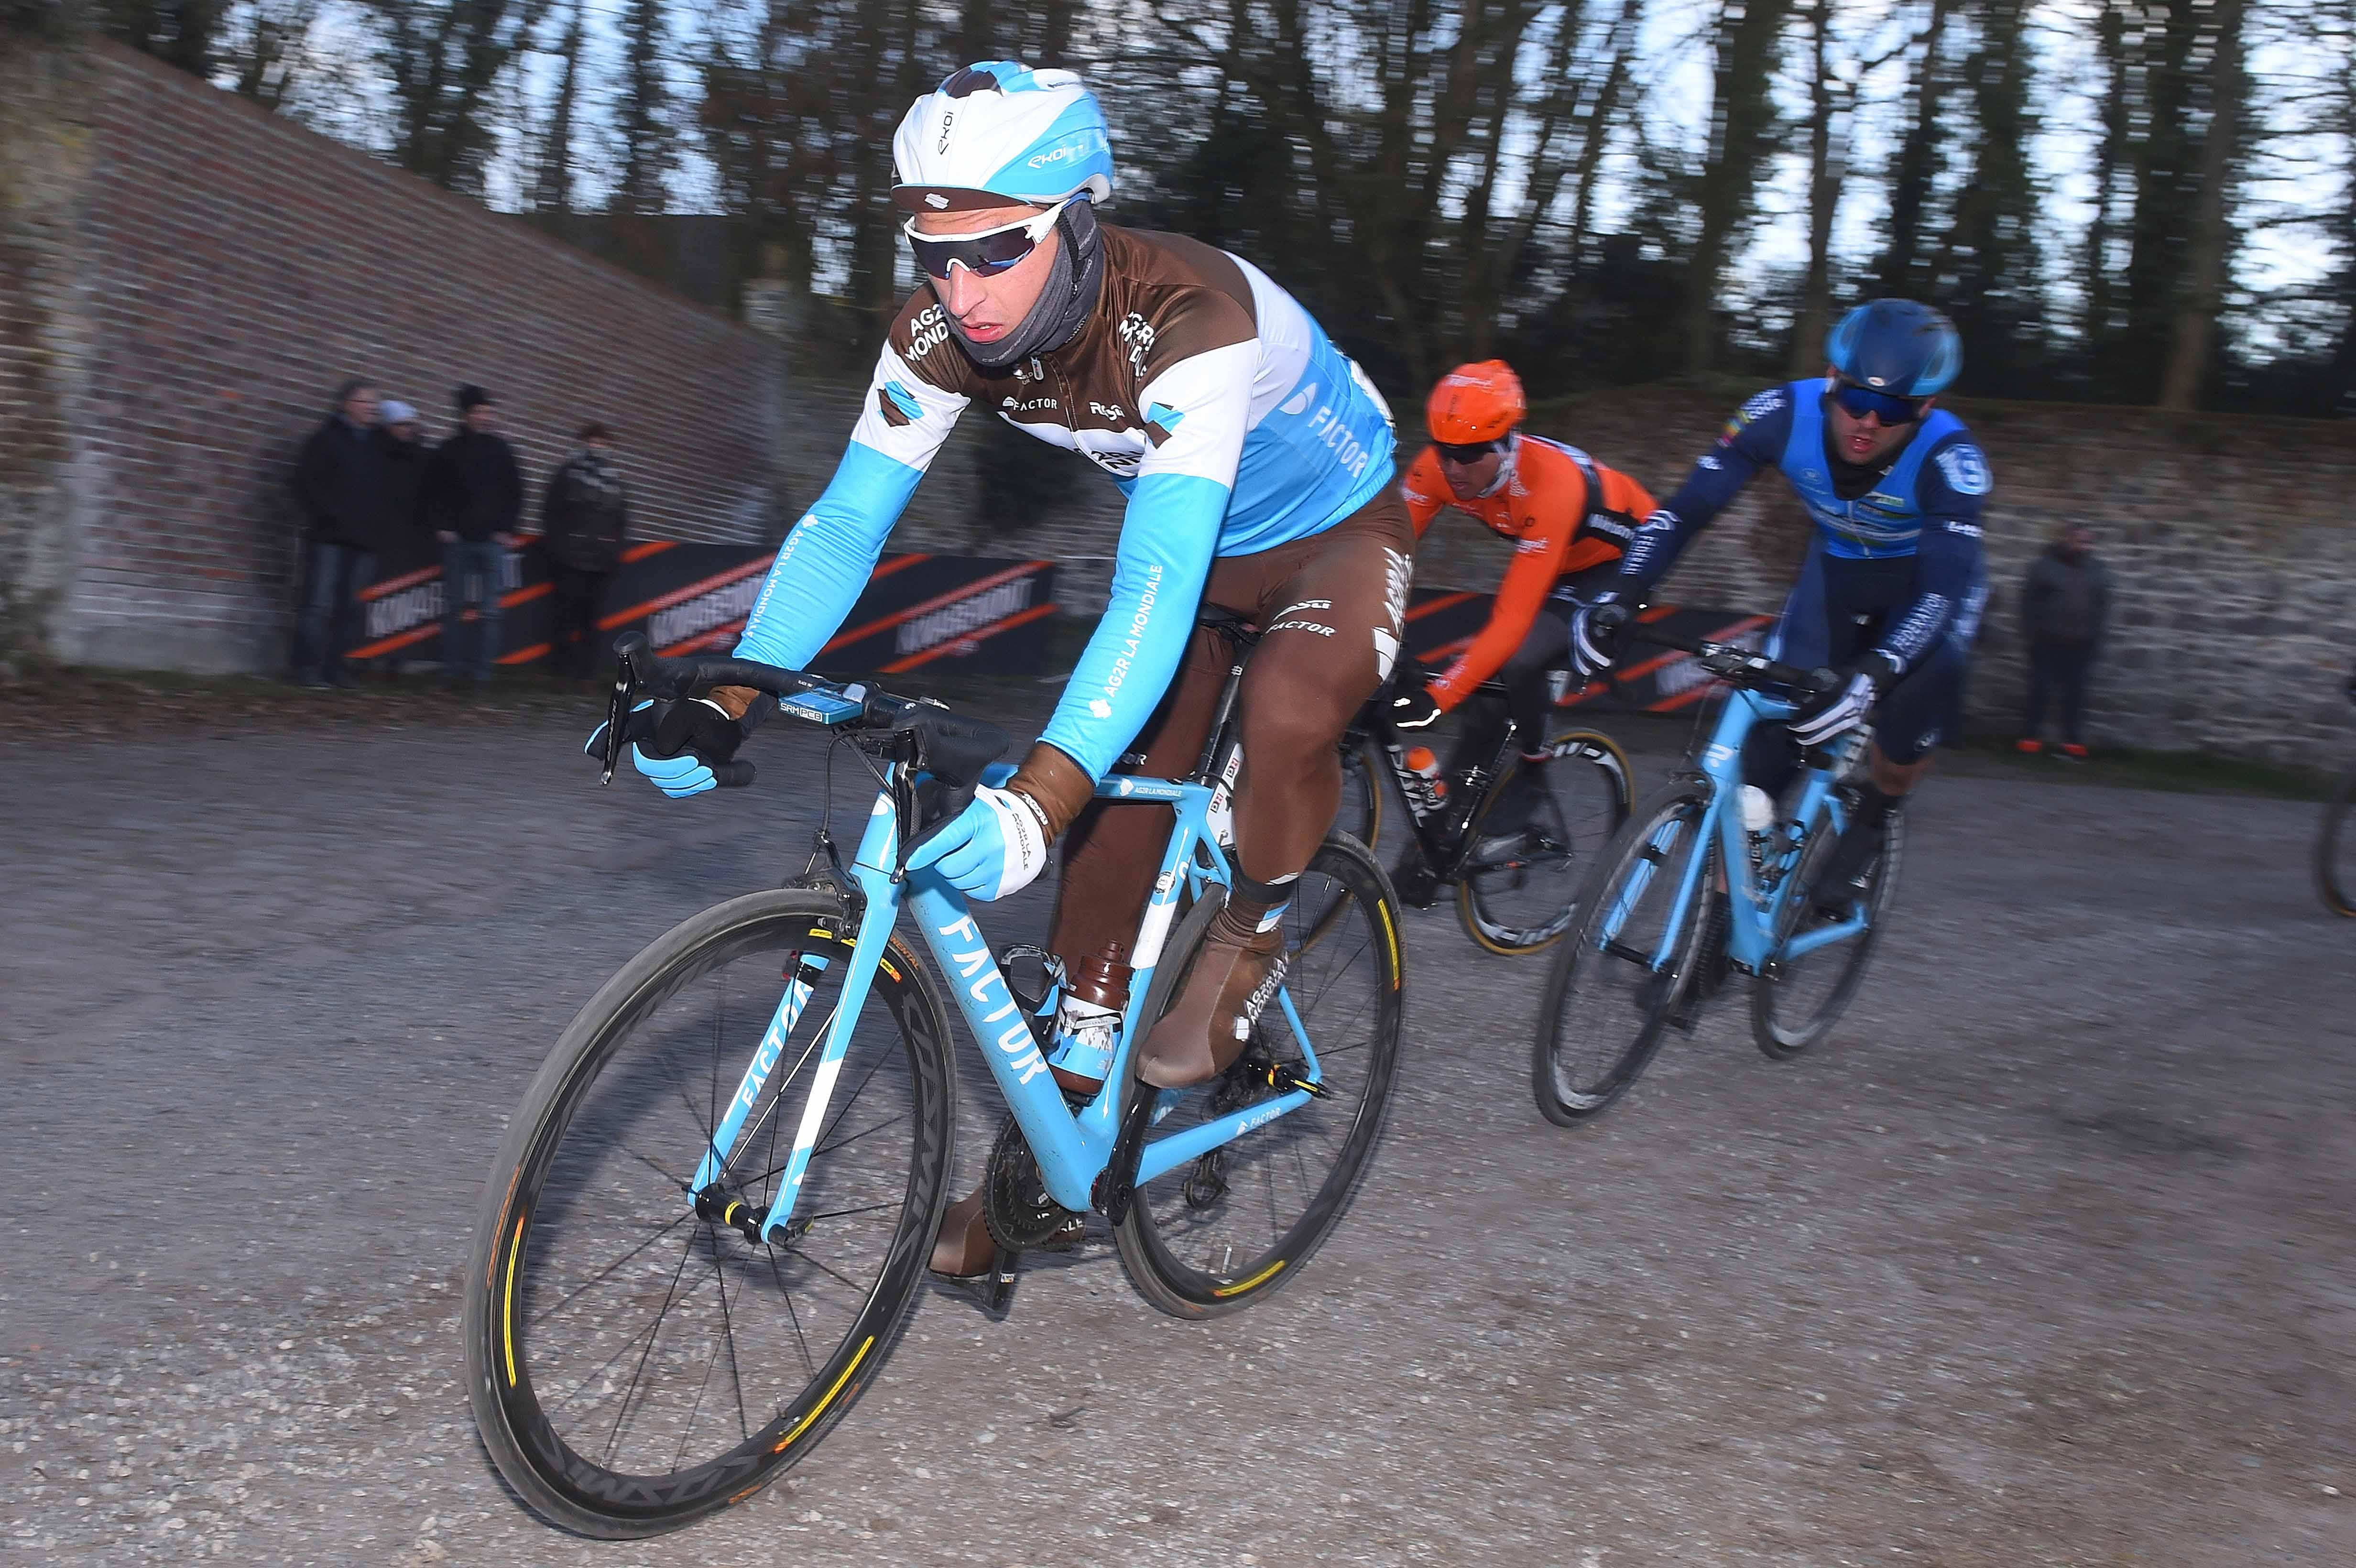 Nans Peters | GP de Denain Porte du Hainaut